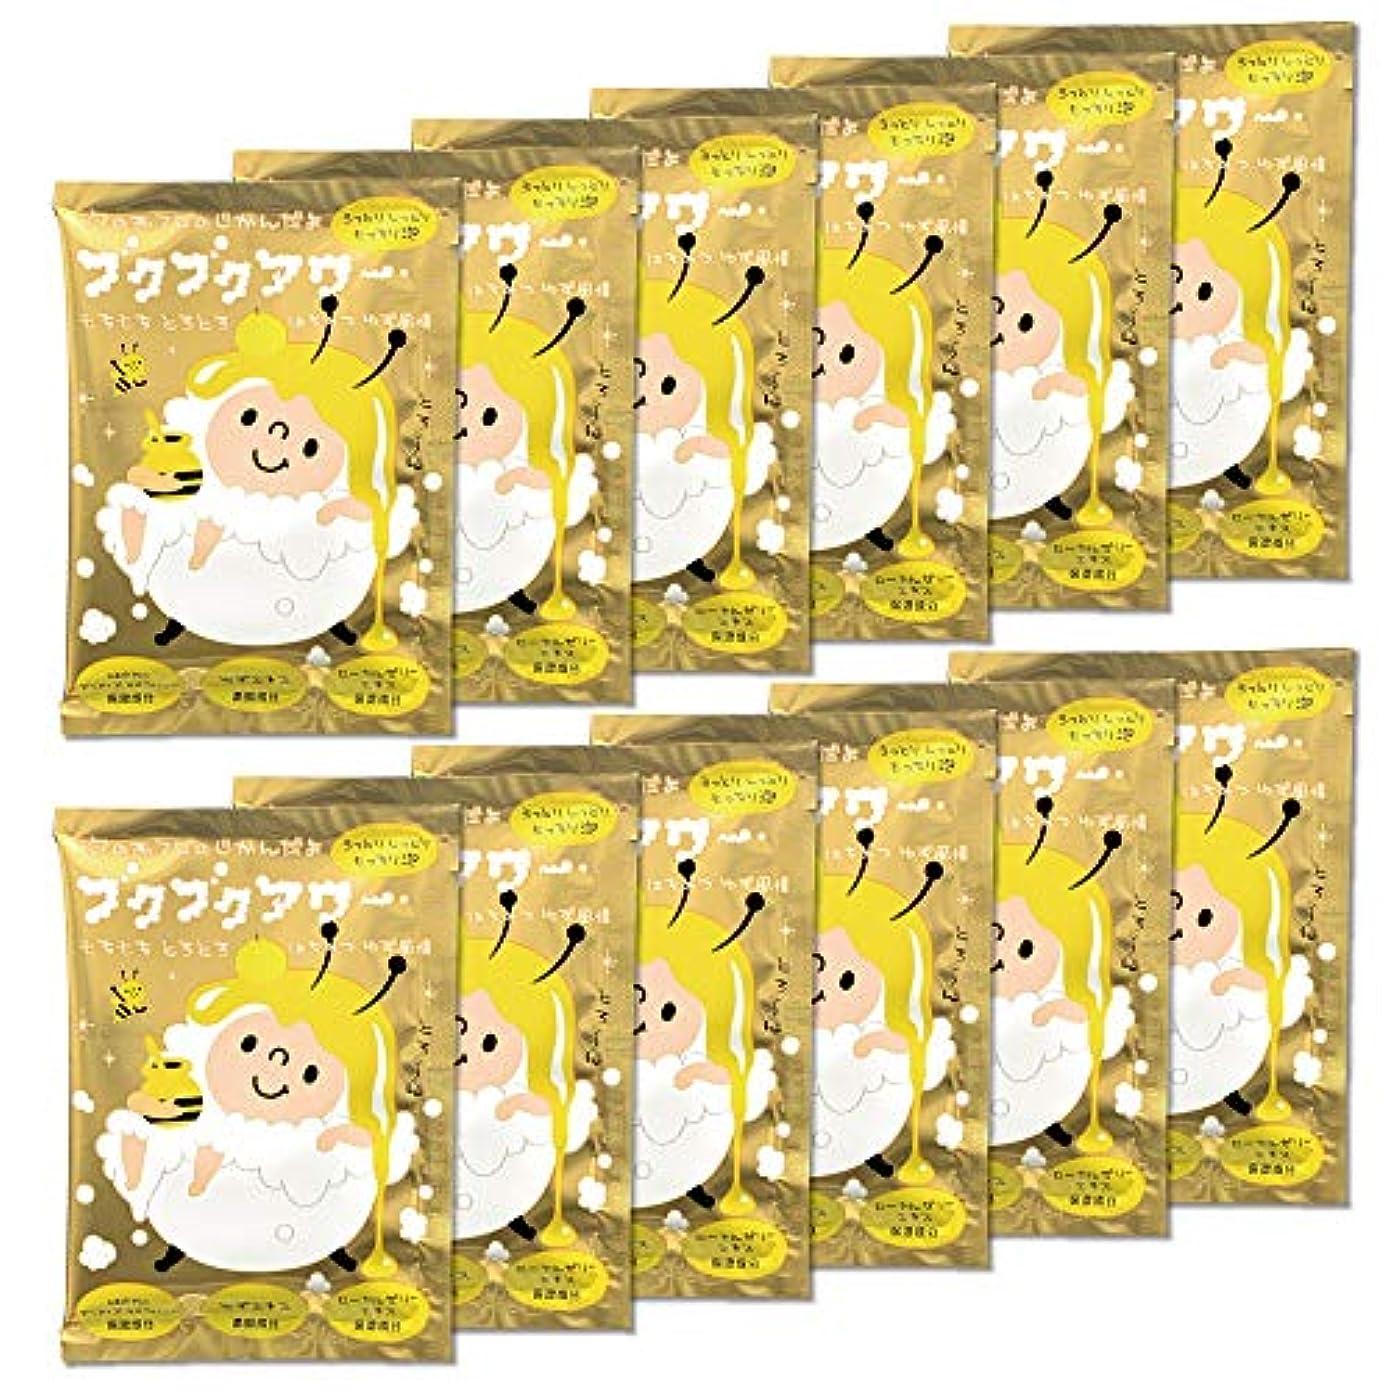 ブクブクアワー はちみつ ゆず 風情 入浴剤 40g 1回分×12包入 大容量 まとめ買い